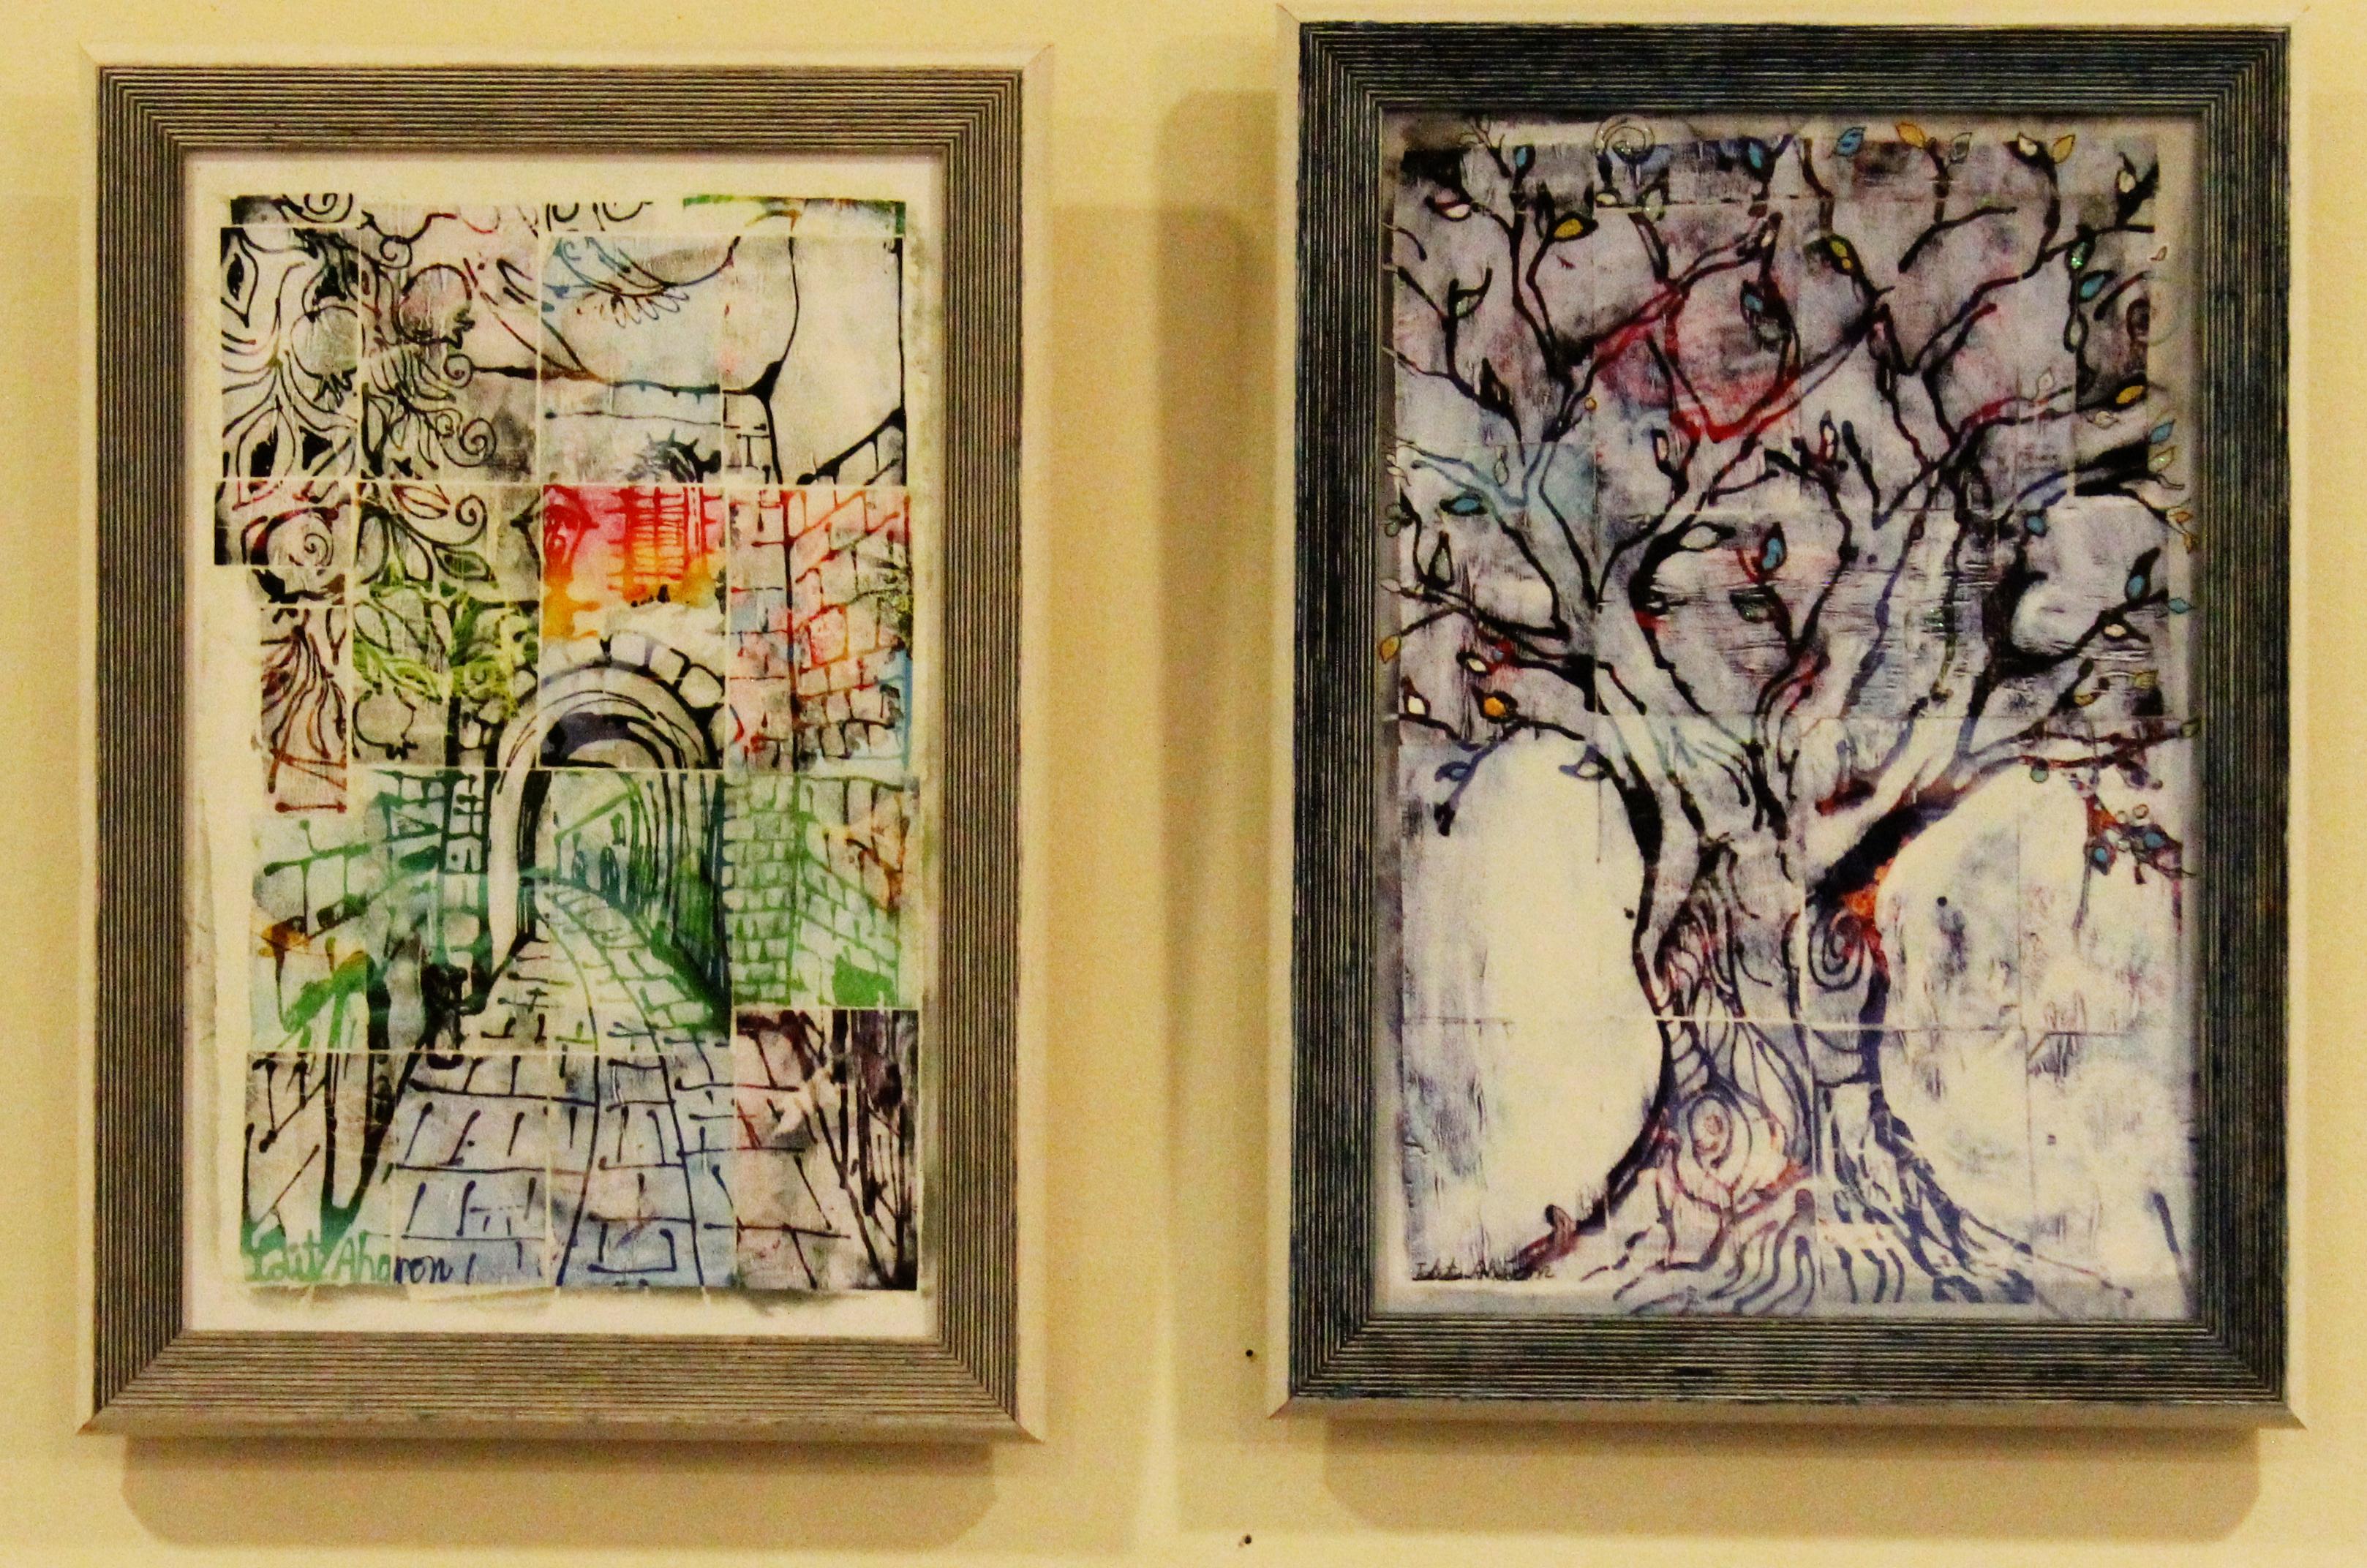 Idit Aharon - Pair of paintings